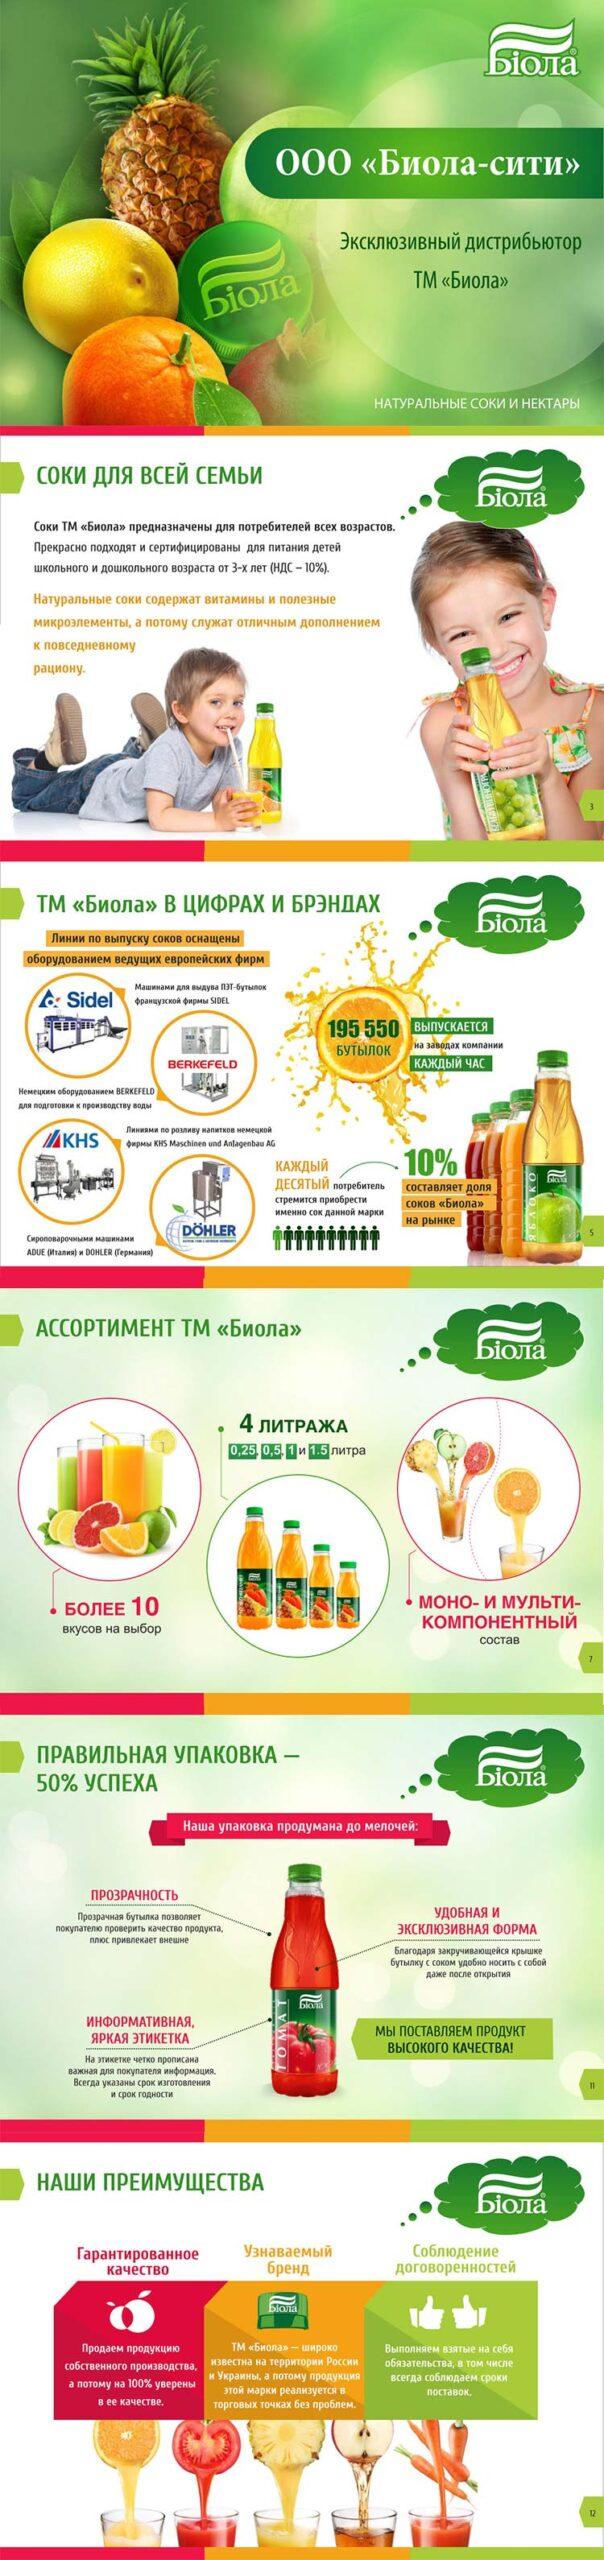 zakazat-prezentacija-distrib'juterskoj-kompanii